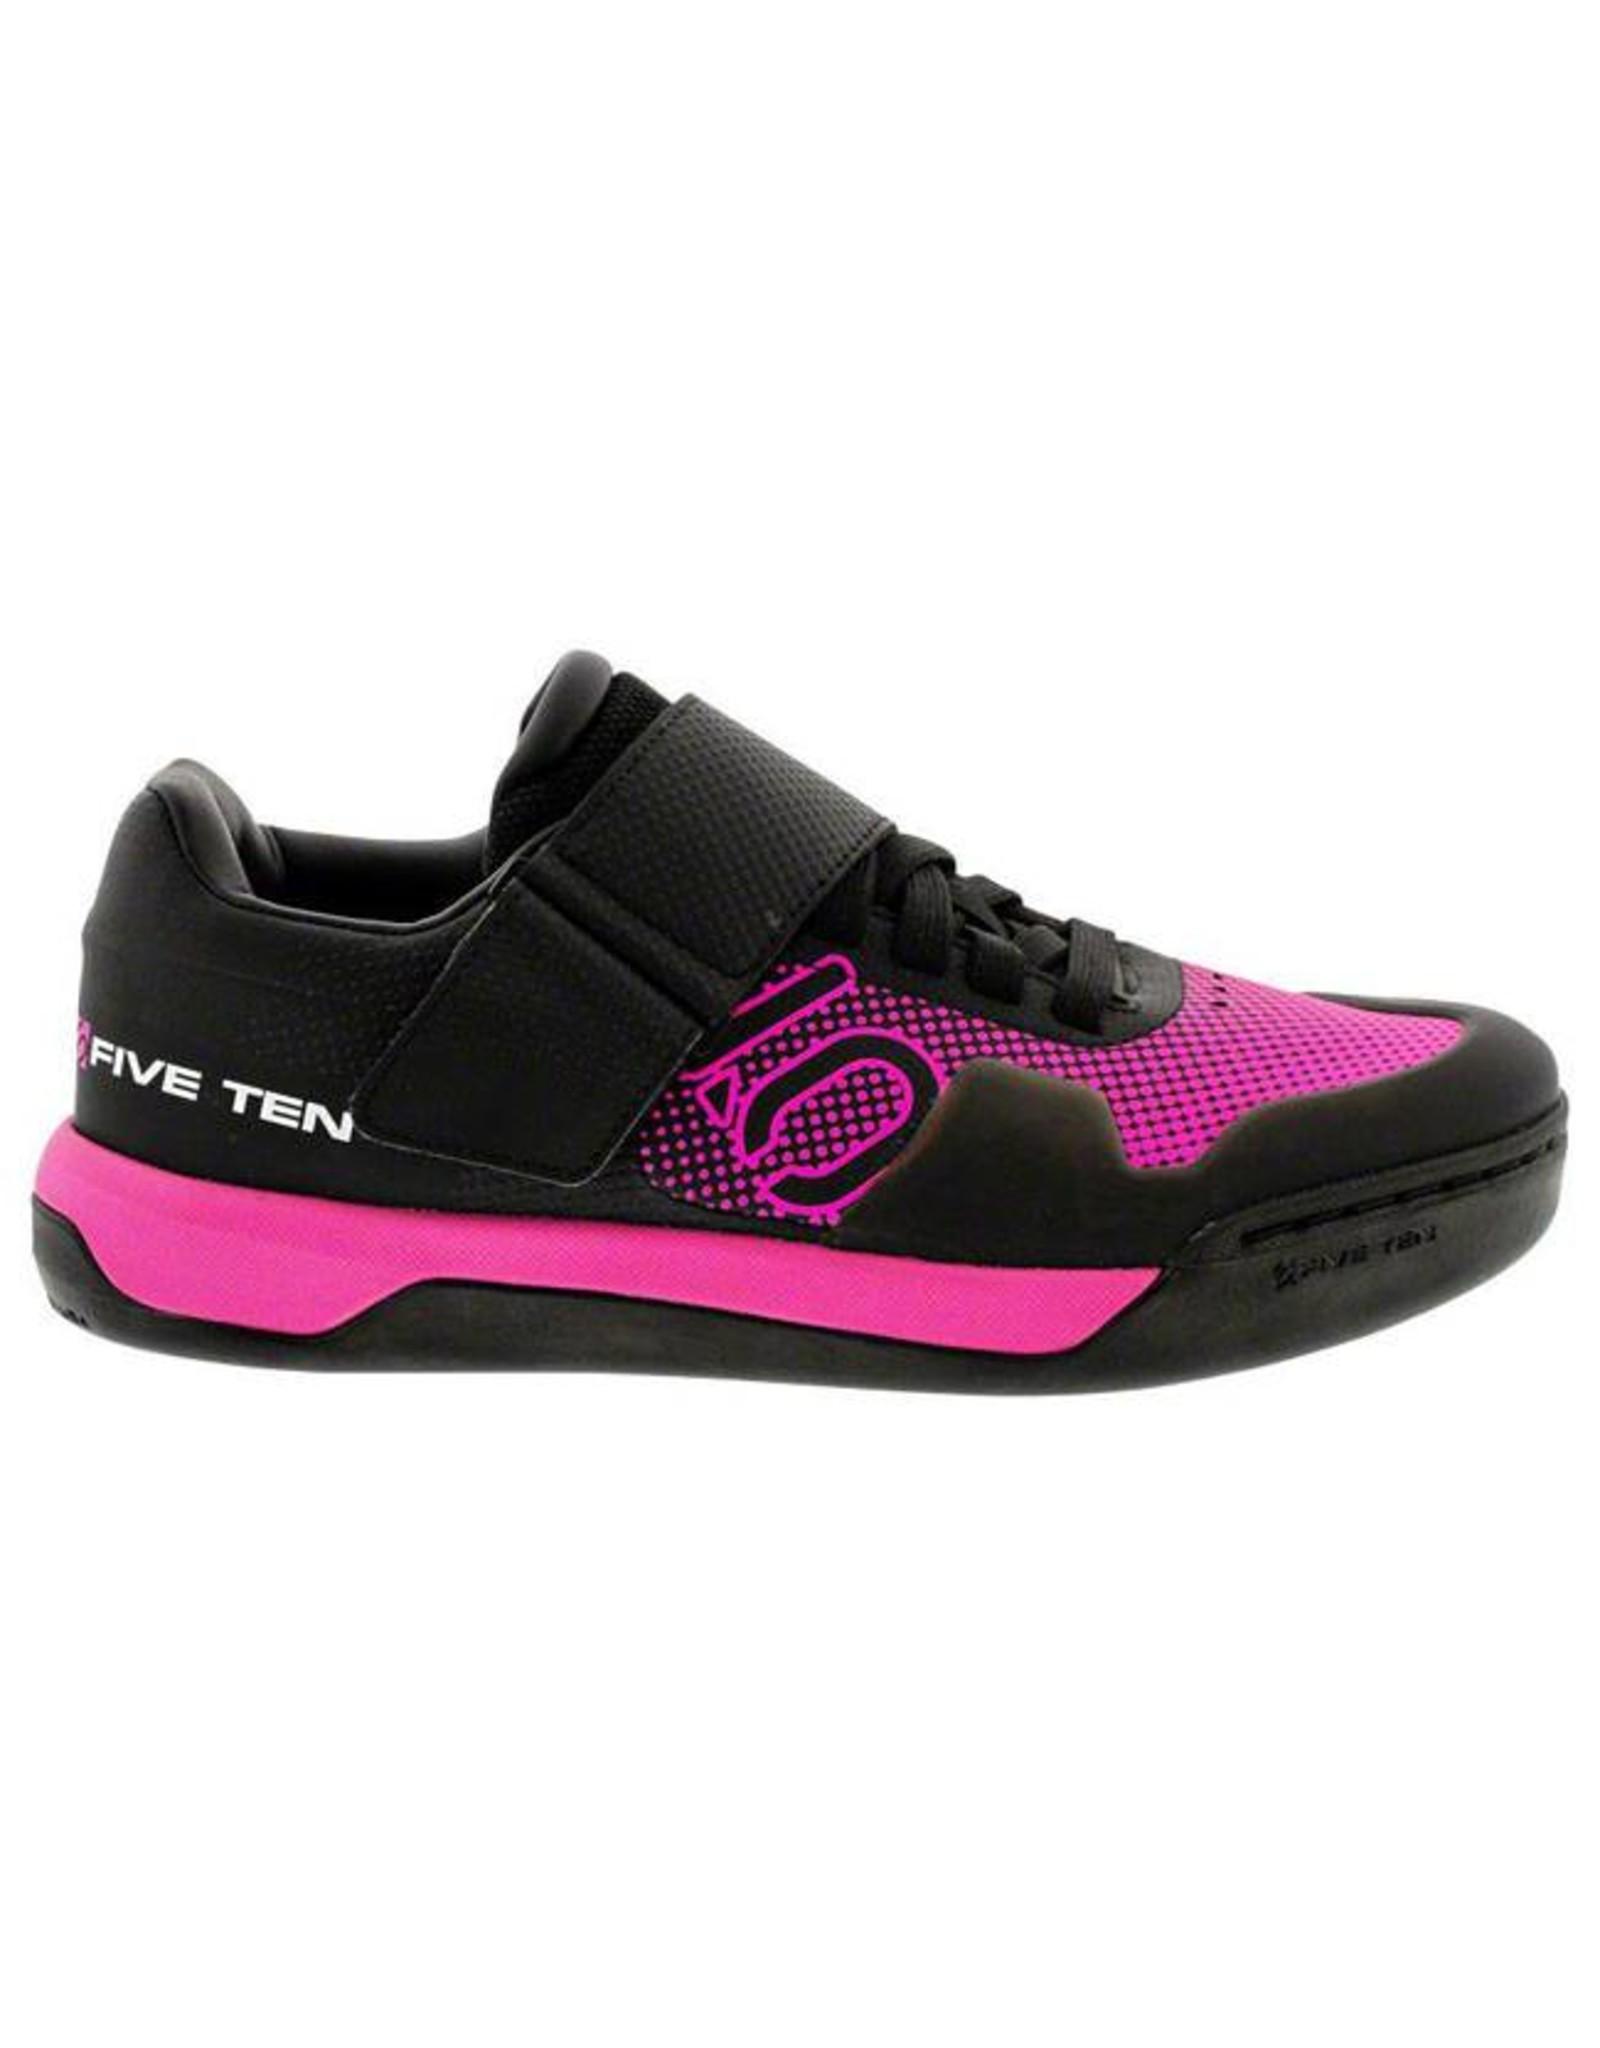 Five Ten Five Ten Hellcat Pro Women's Clipless/Flat Pedal Shoe: Shock Pink 9